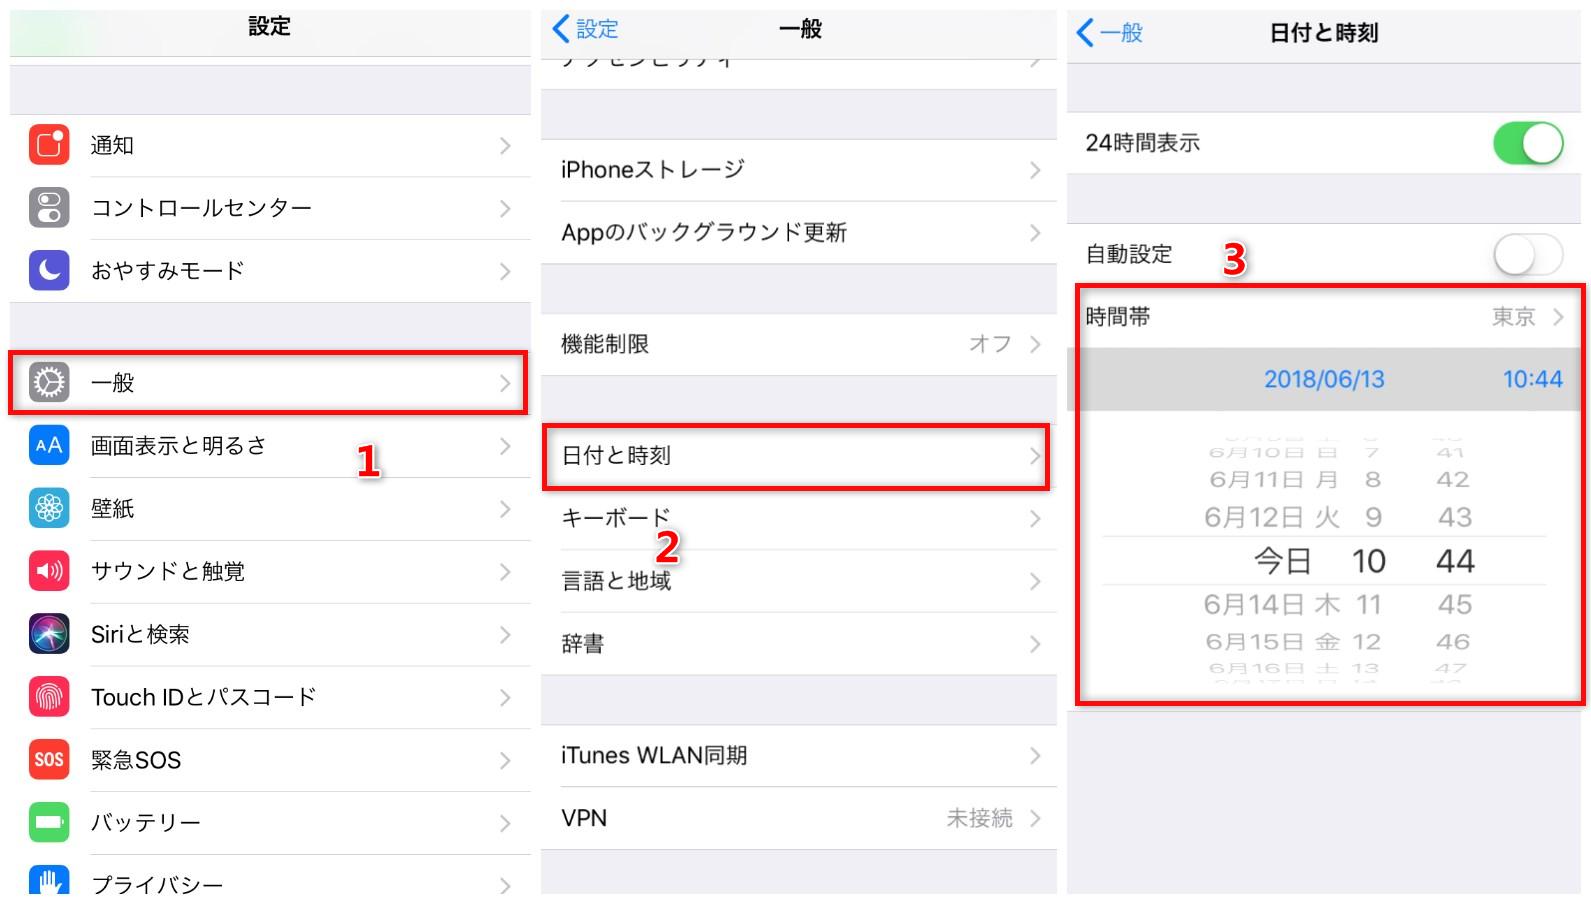 iOS 12.1/12アップデートによる不具合・バグ - iPhoneが勝手に再起動を繰り返す